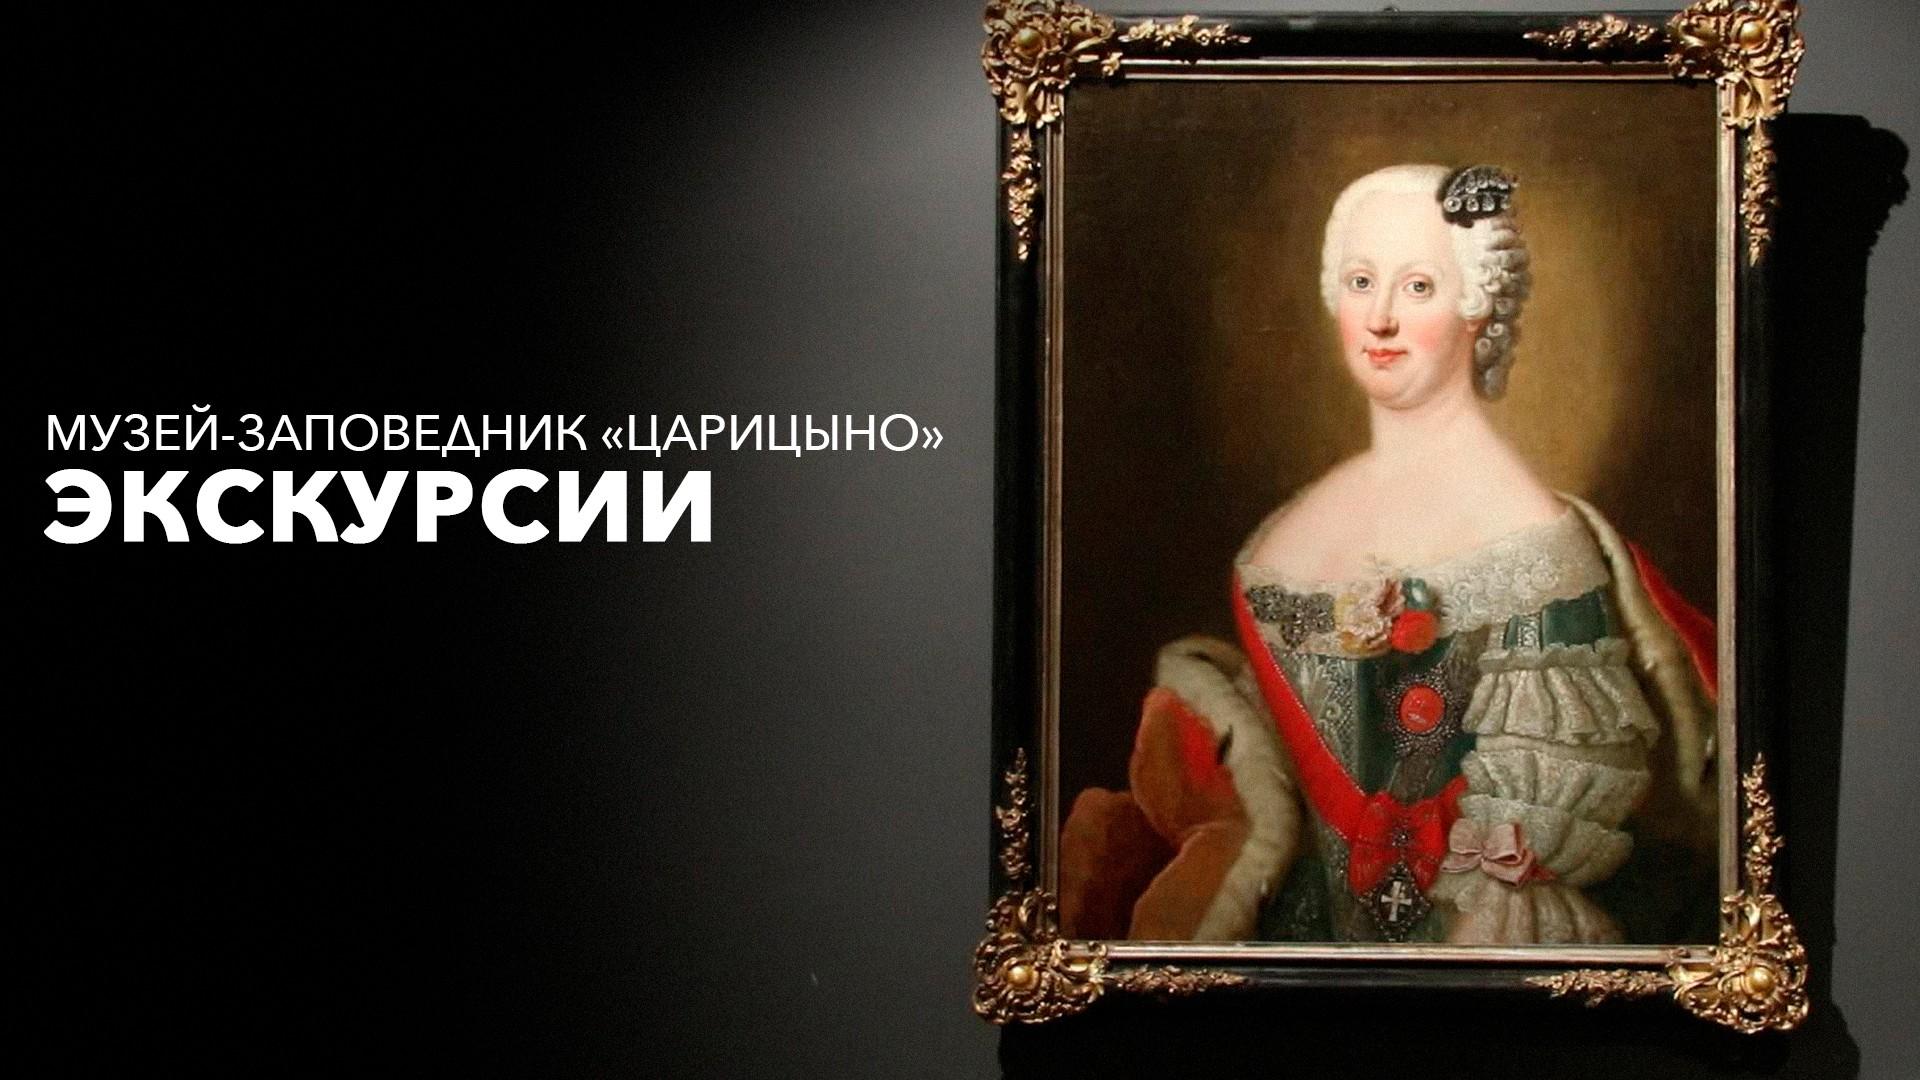 Музей-заповедник «Царицыно». Экскурсии